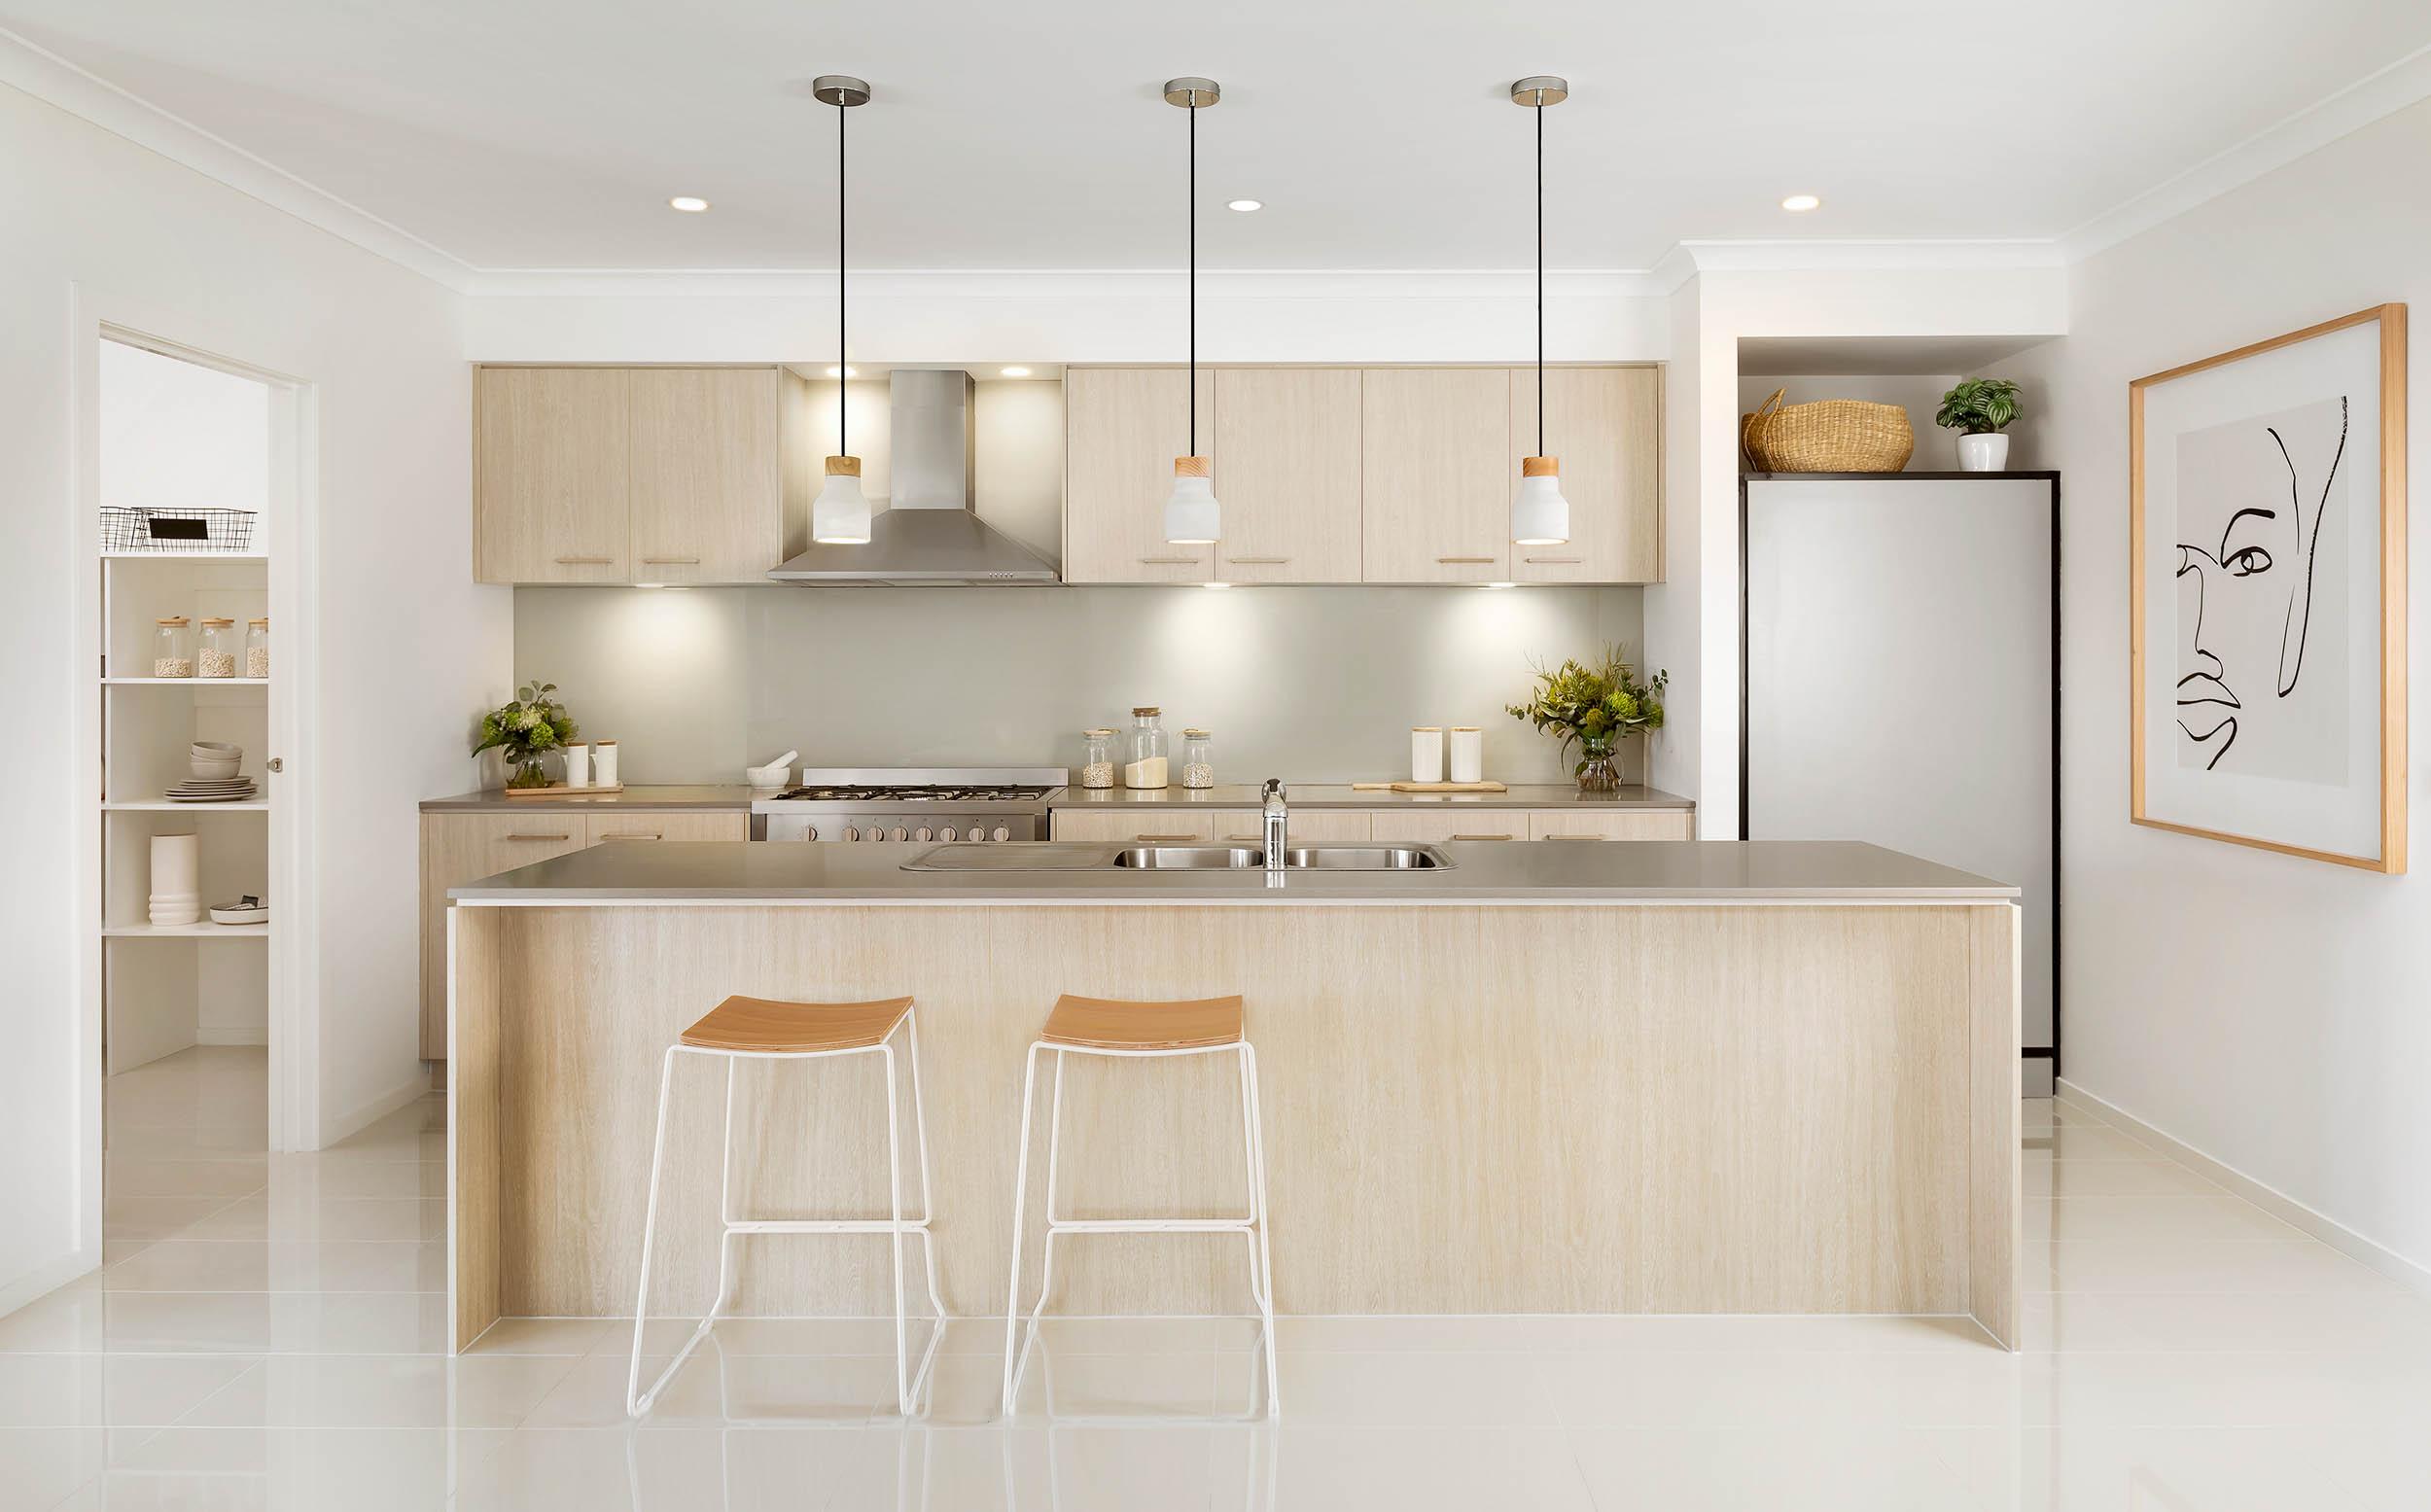 Carlisle Homes EasyLiving - Olivine Estate, Donnybrook - Donnybrook, VIC 3064 - (03) 8691 1519 | ShowMeLocal.com